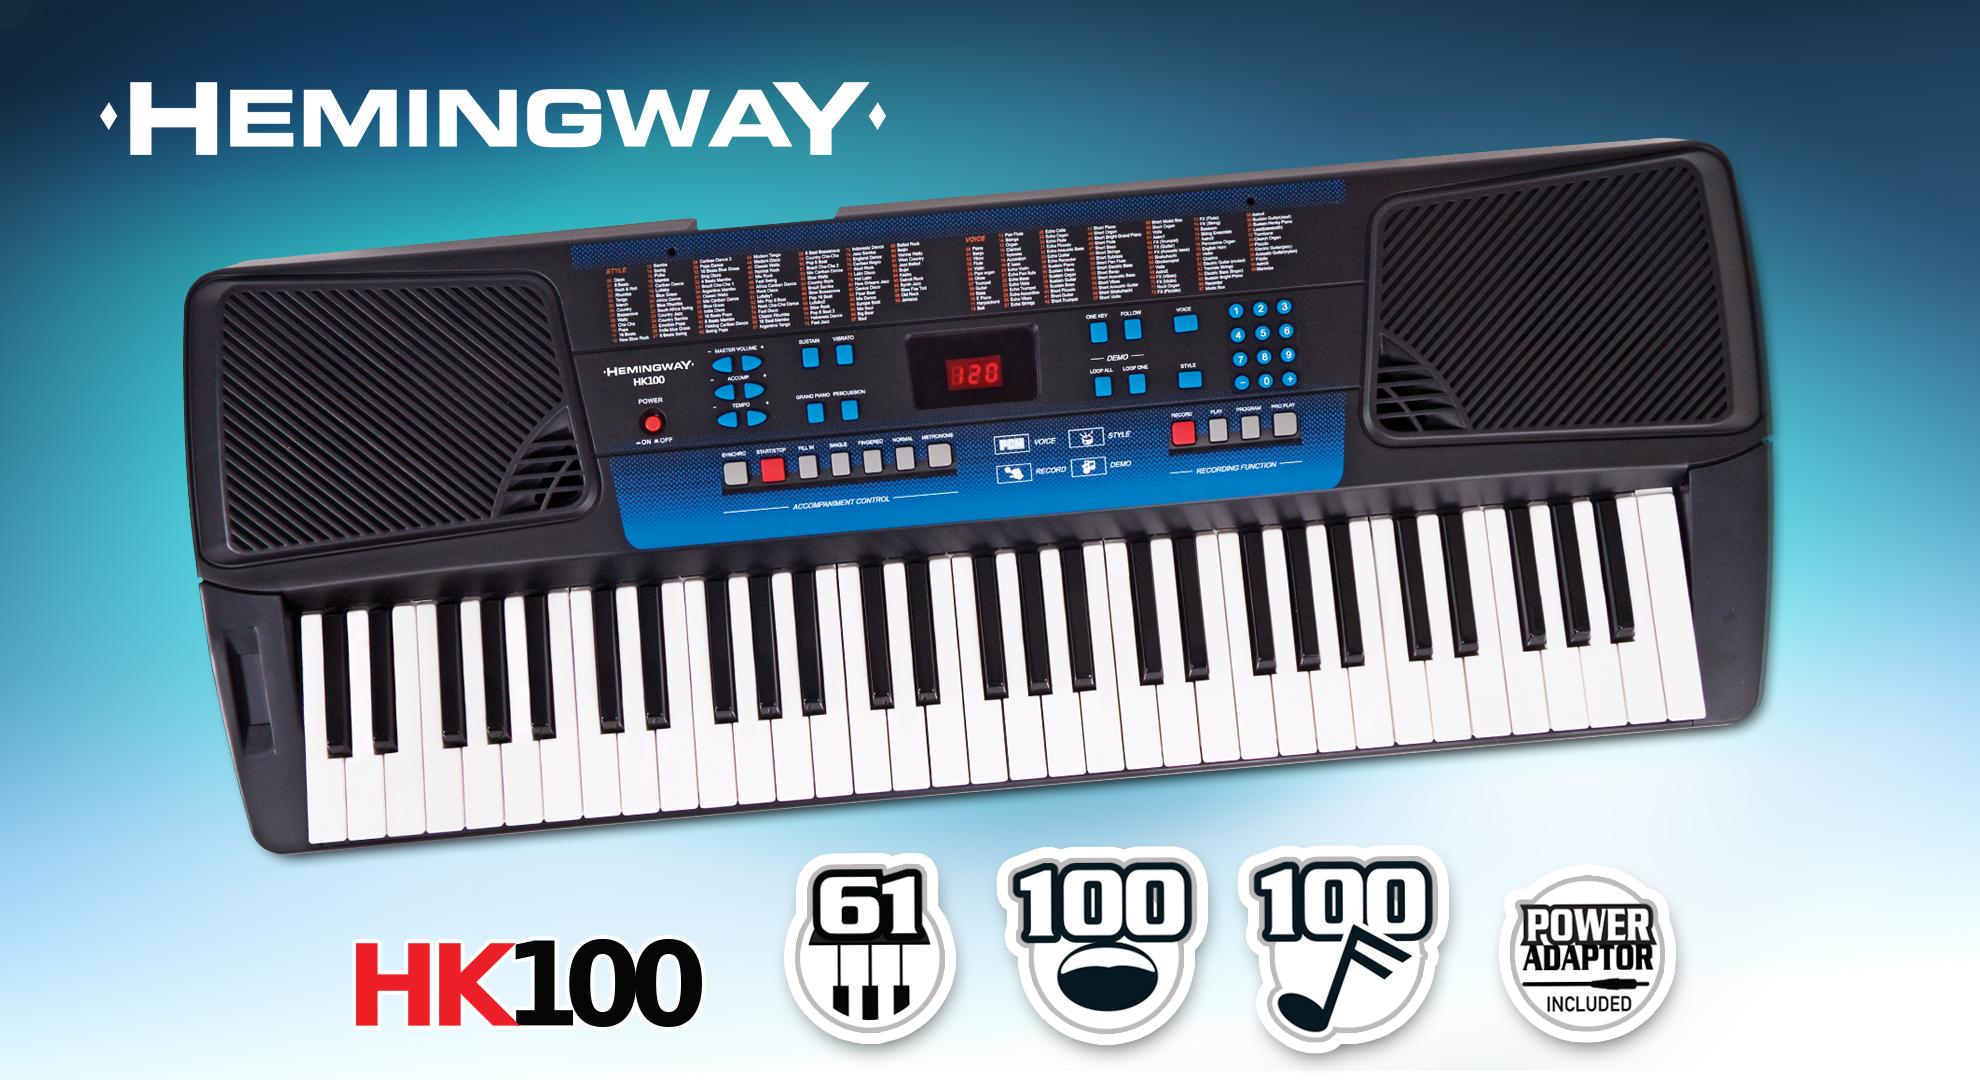 hemingway-hk100-1920-x-1080-px.jpg